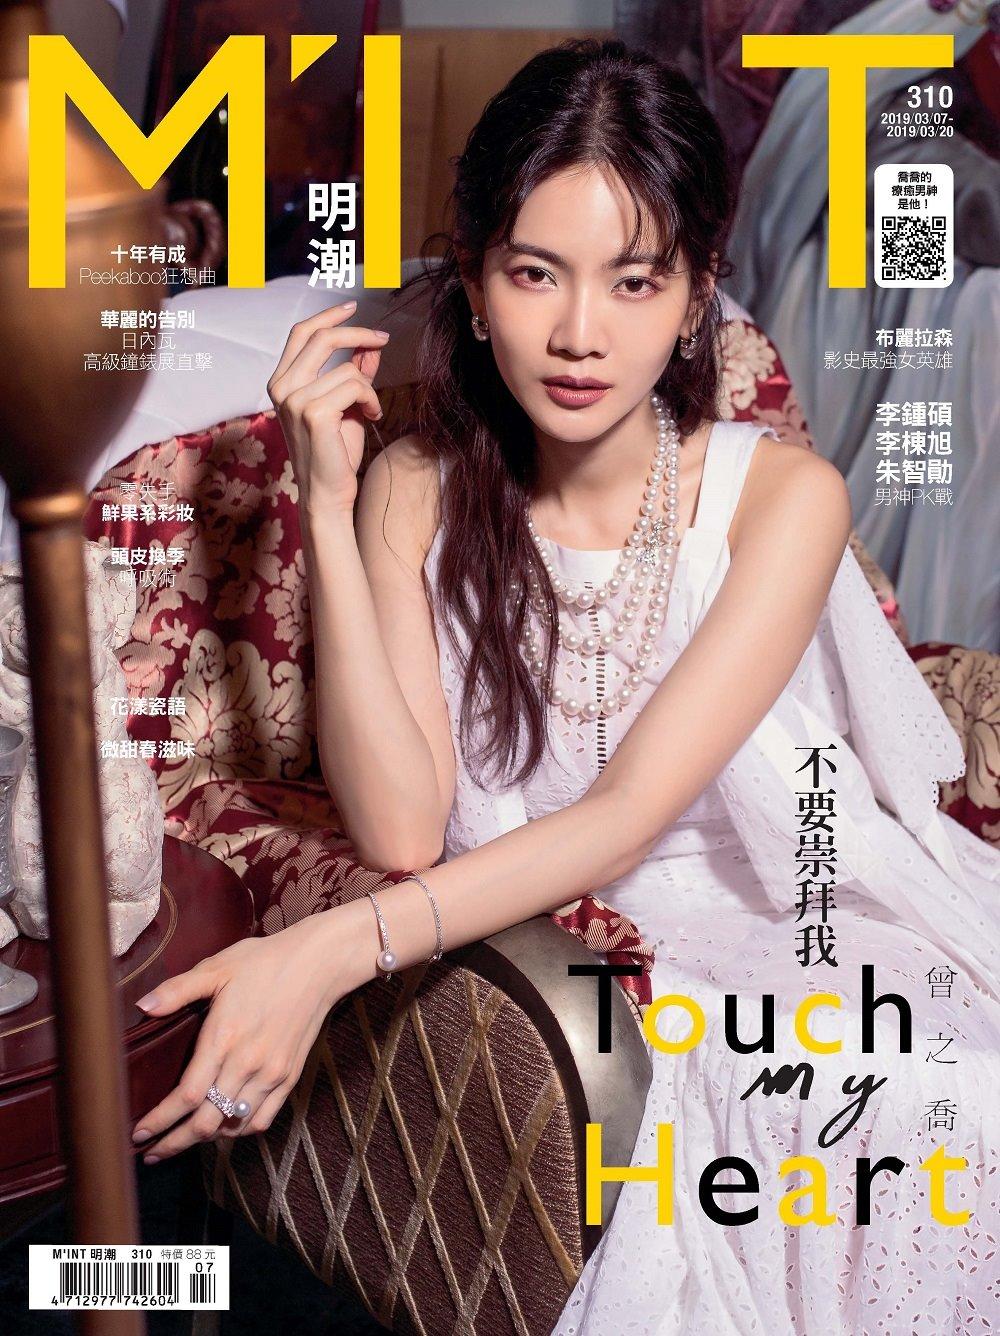 明潮(雙週刊) 2019/3/7第310期